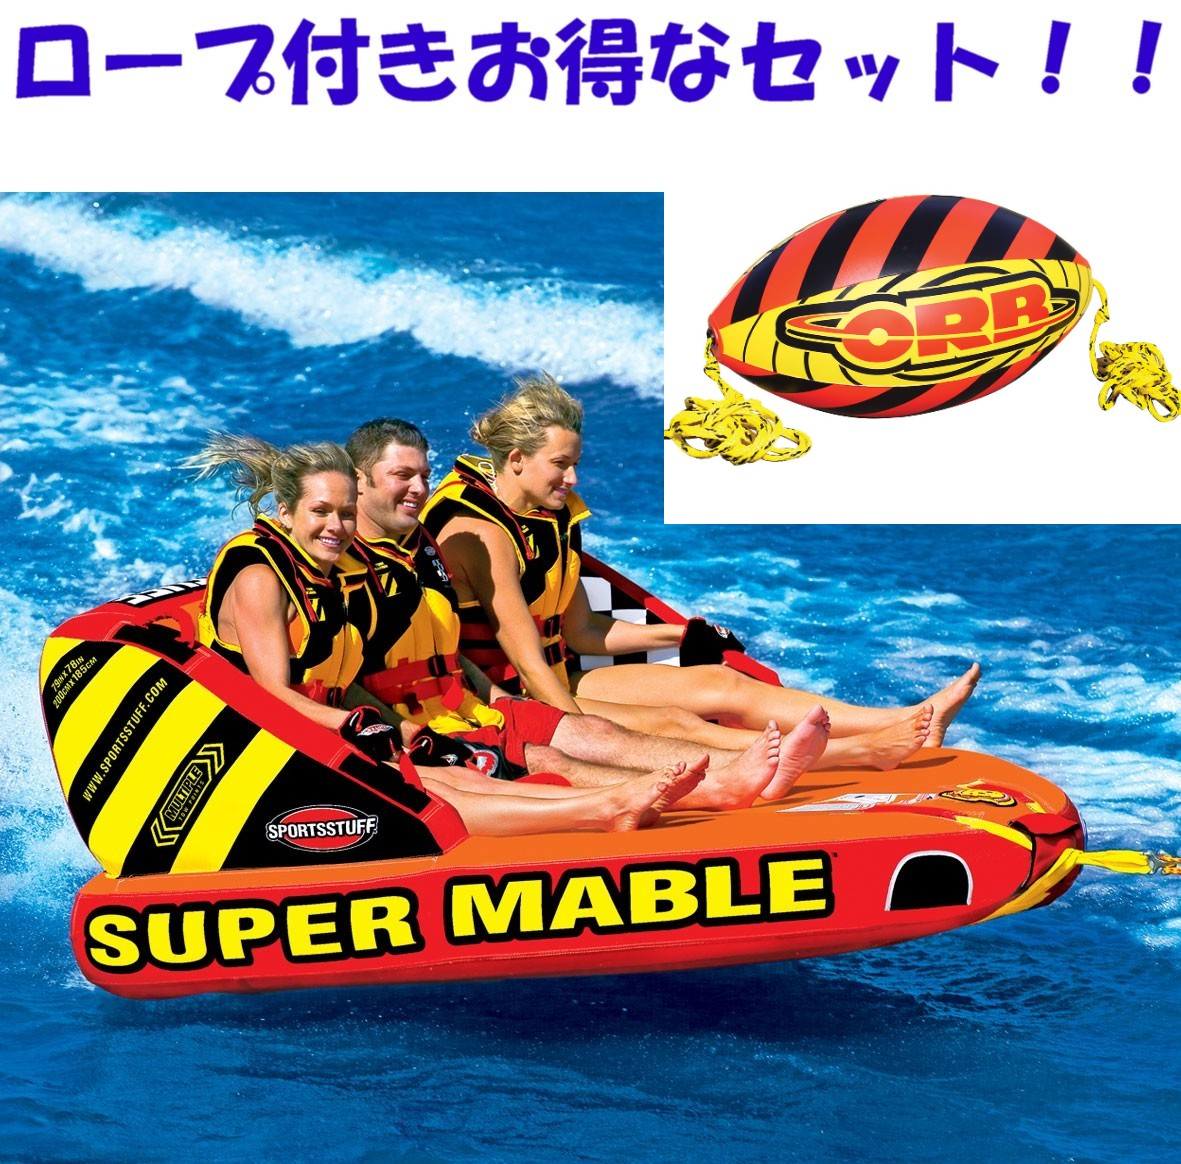 SPORTSSTUFF SUPER MABLE 3人乗り スーパーマーブル トーイングチューブ/ウォータートーイ/バナナボート/スポーツスタッフ 53-2223 ブースターボール付き